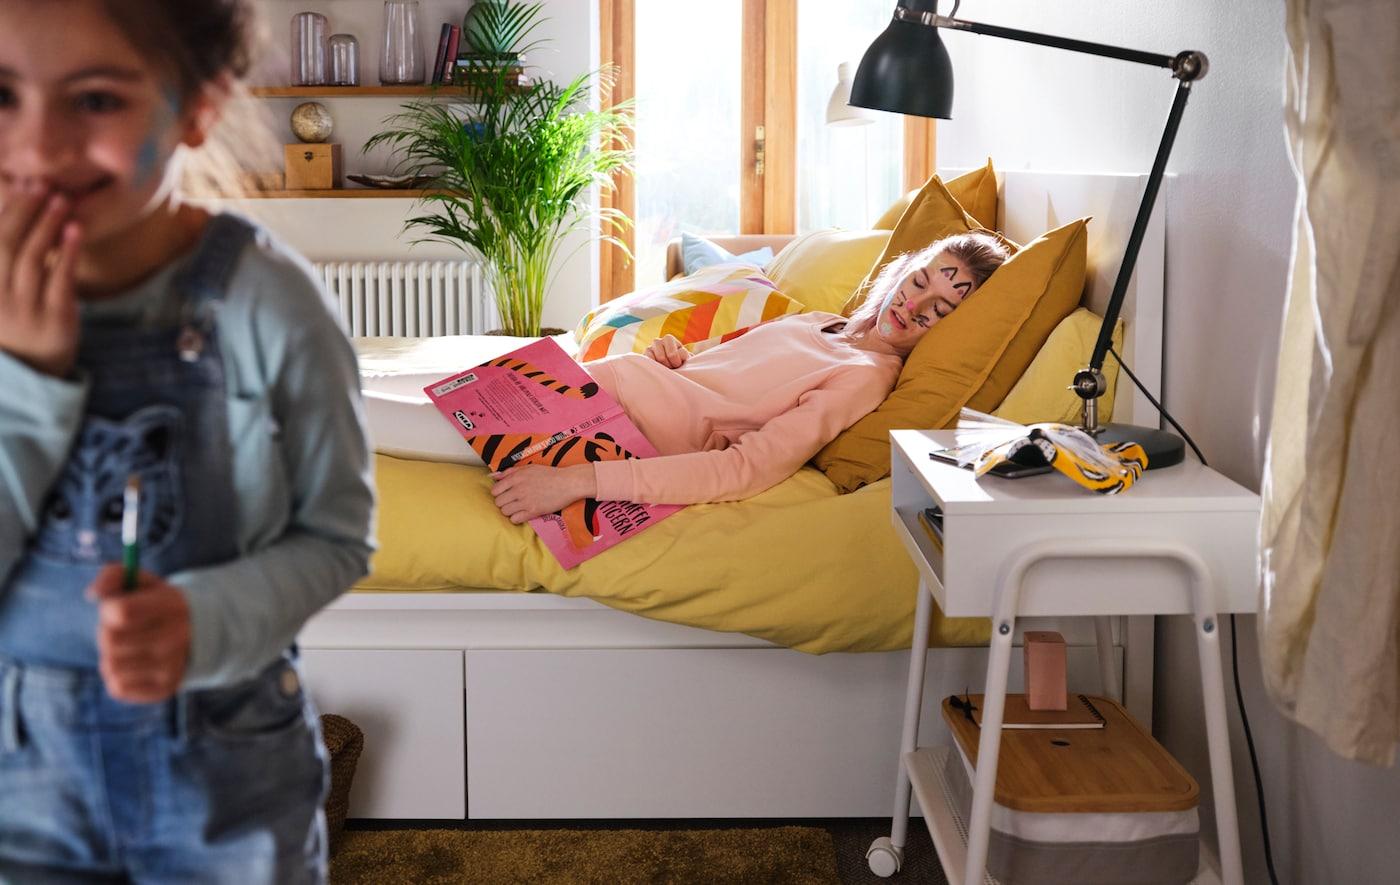 Ei jente sniker seg ut av et moderne soverom, etter å ha malt værhår og katteører i ansiktet til mora si, som sover i ei MALM seng.